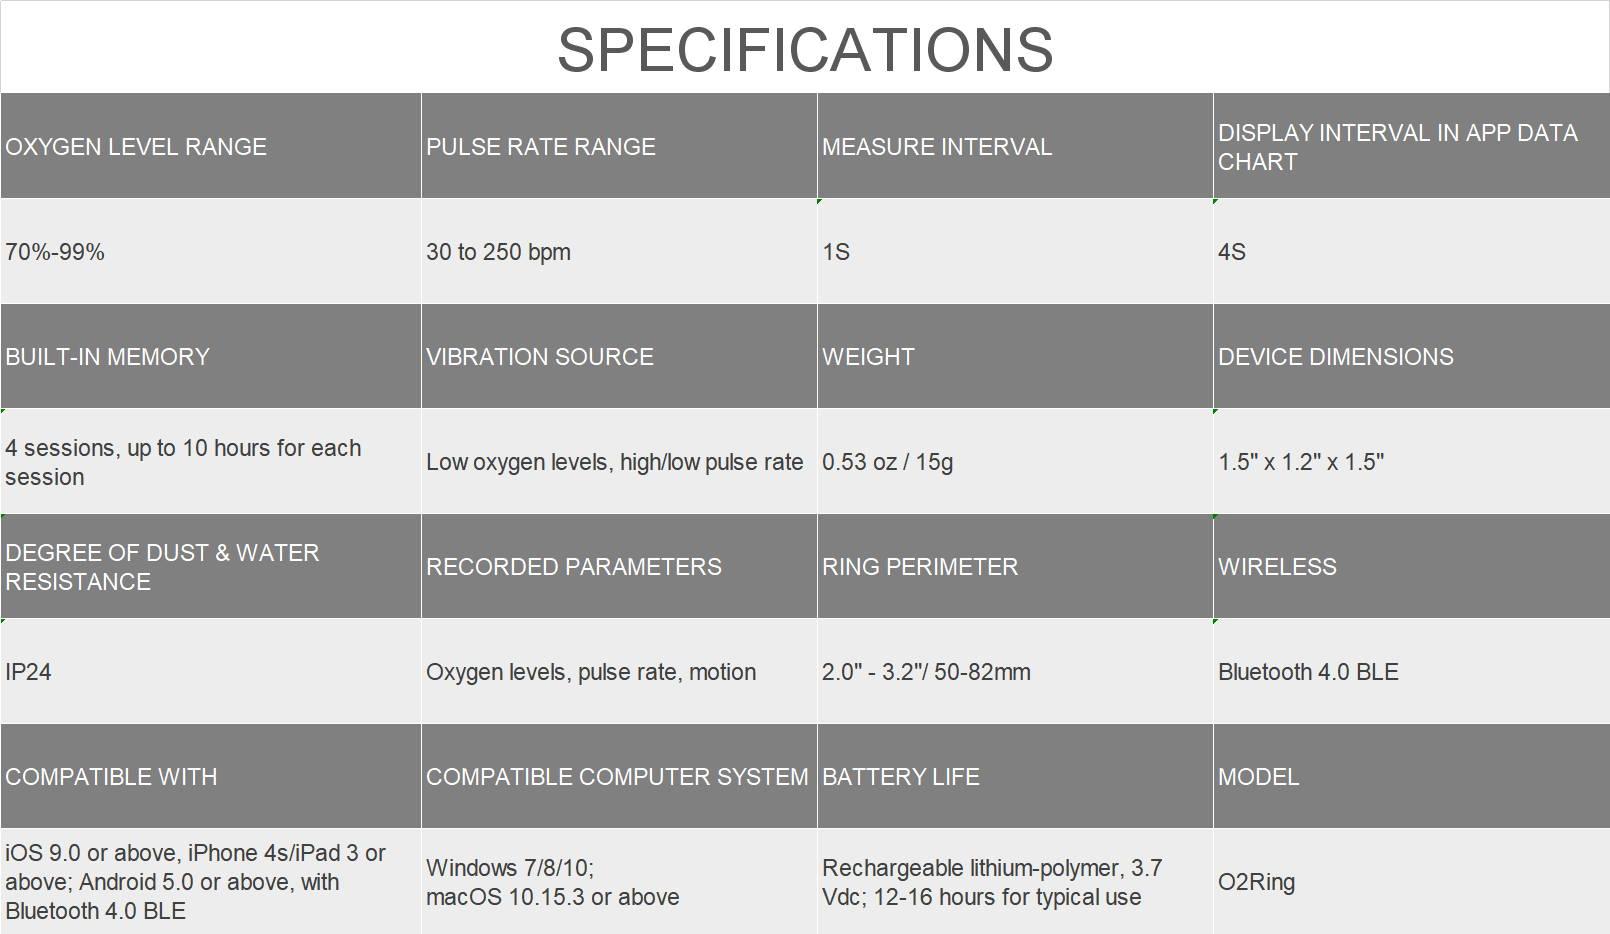 Spécifications de Wellue O2Ring, Spécifications du moniteur d'apnée du sommeil Wellue